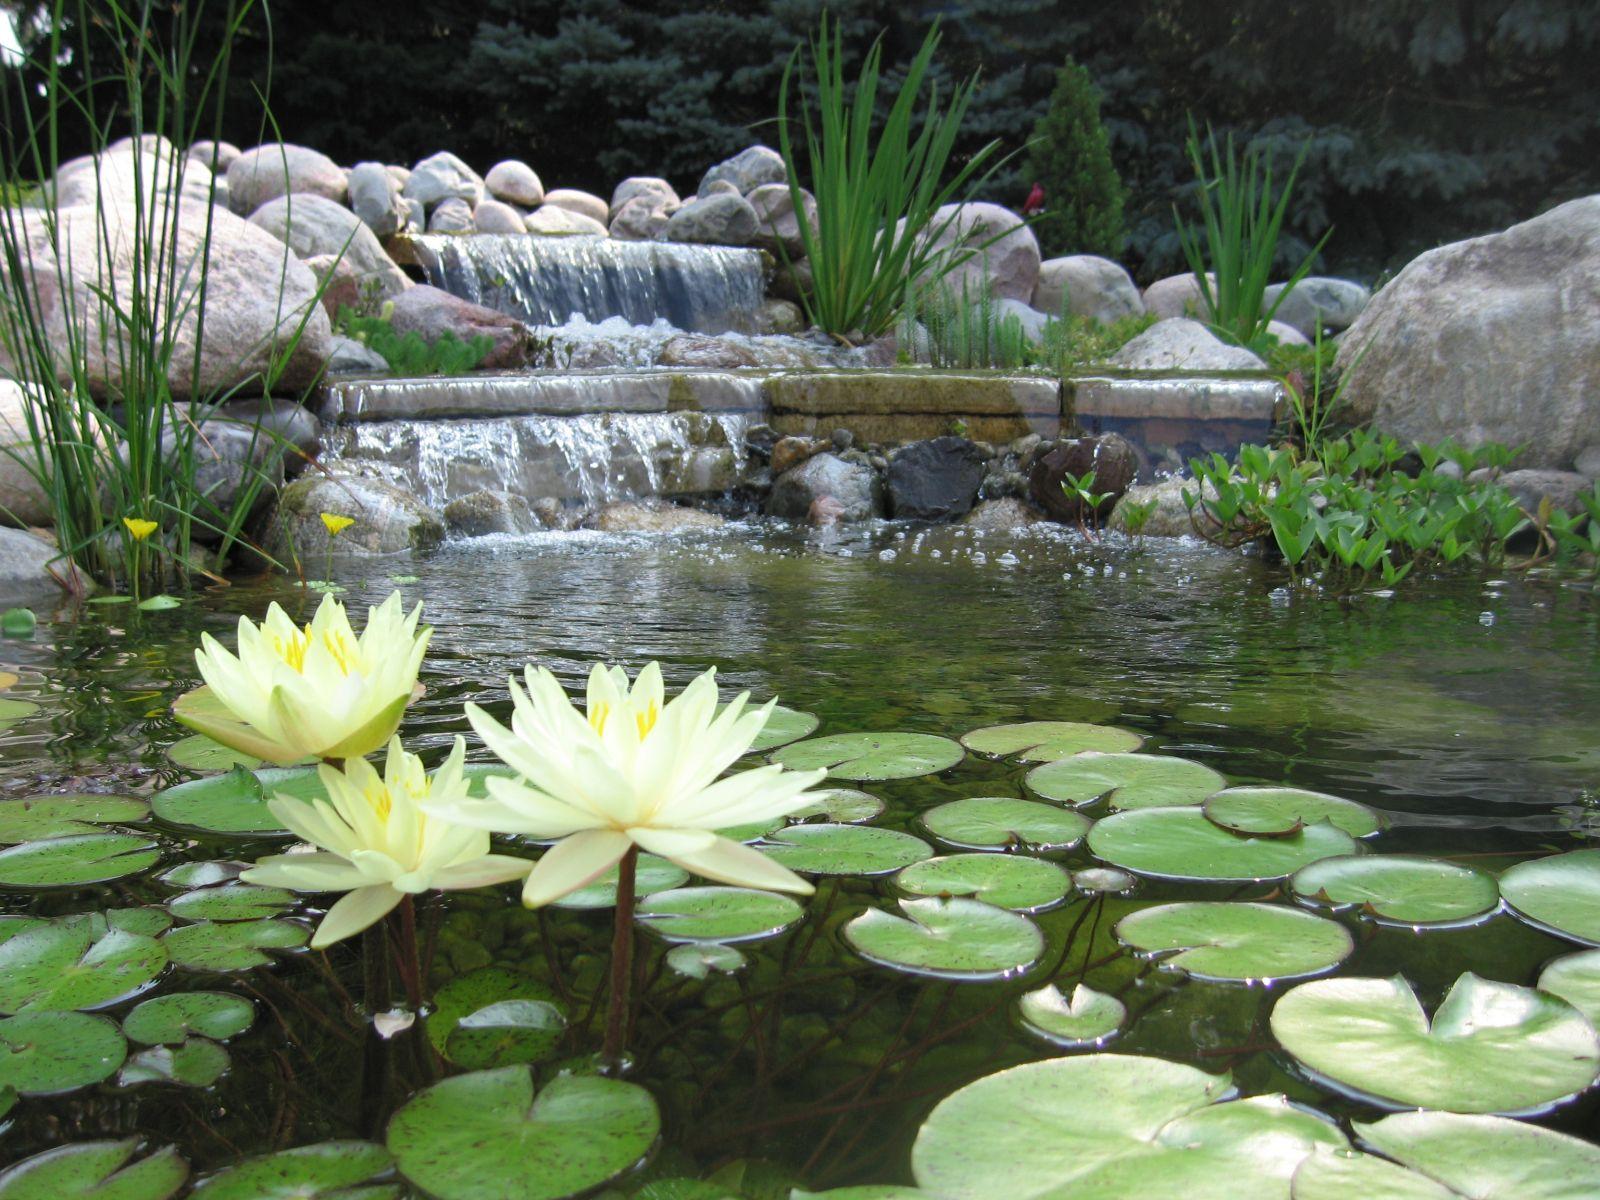 Arte y jardiner a plantas de estanques acu ticos for Nombre de estanque pequeno para tener peces